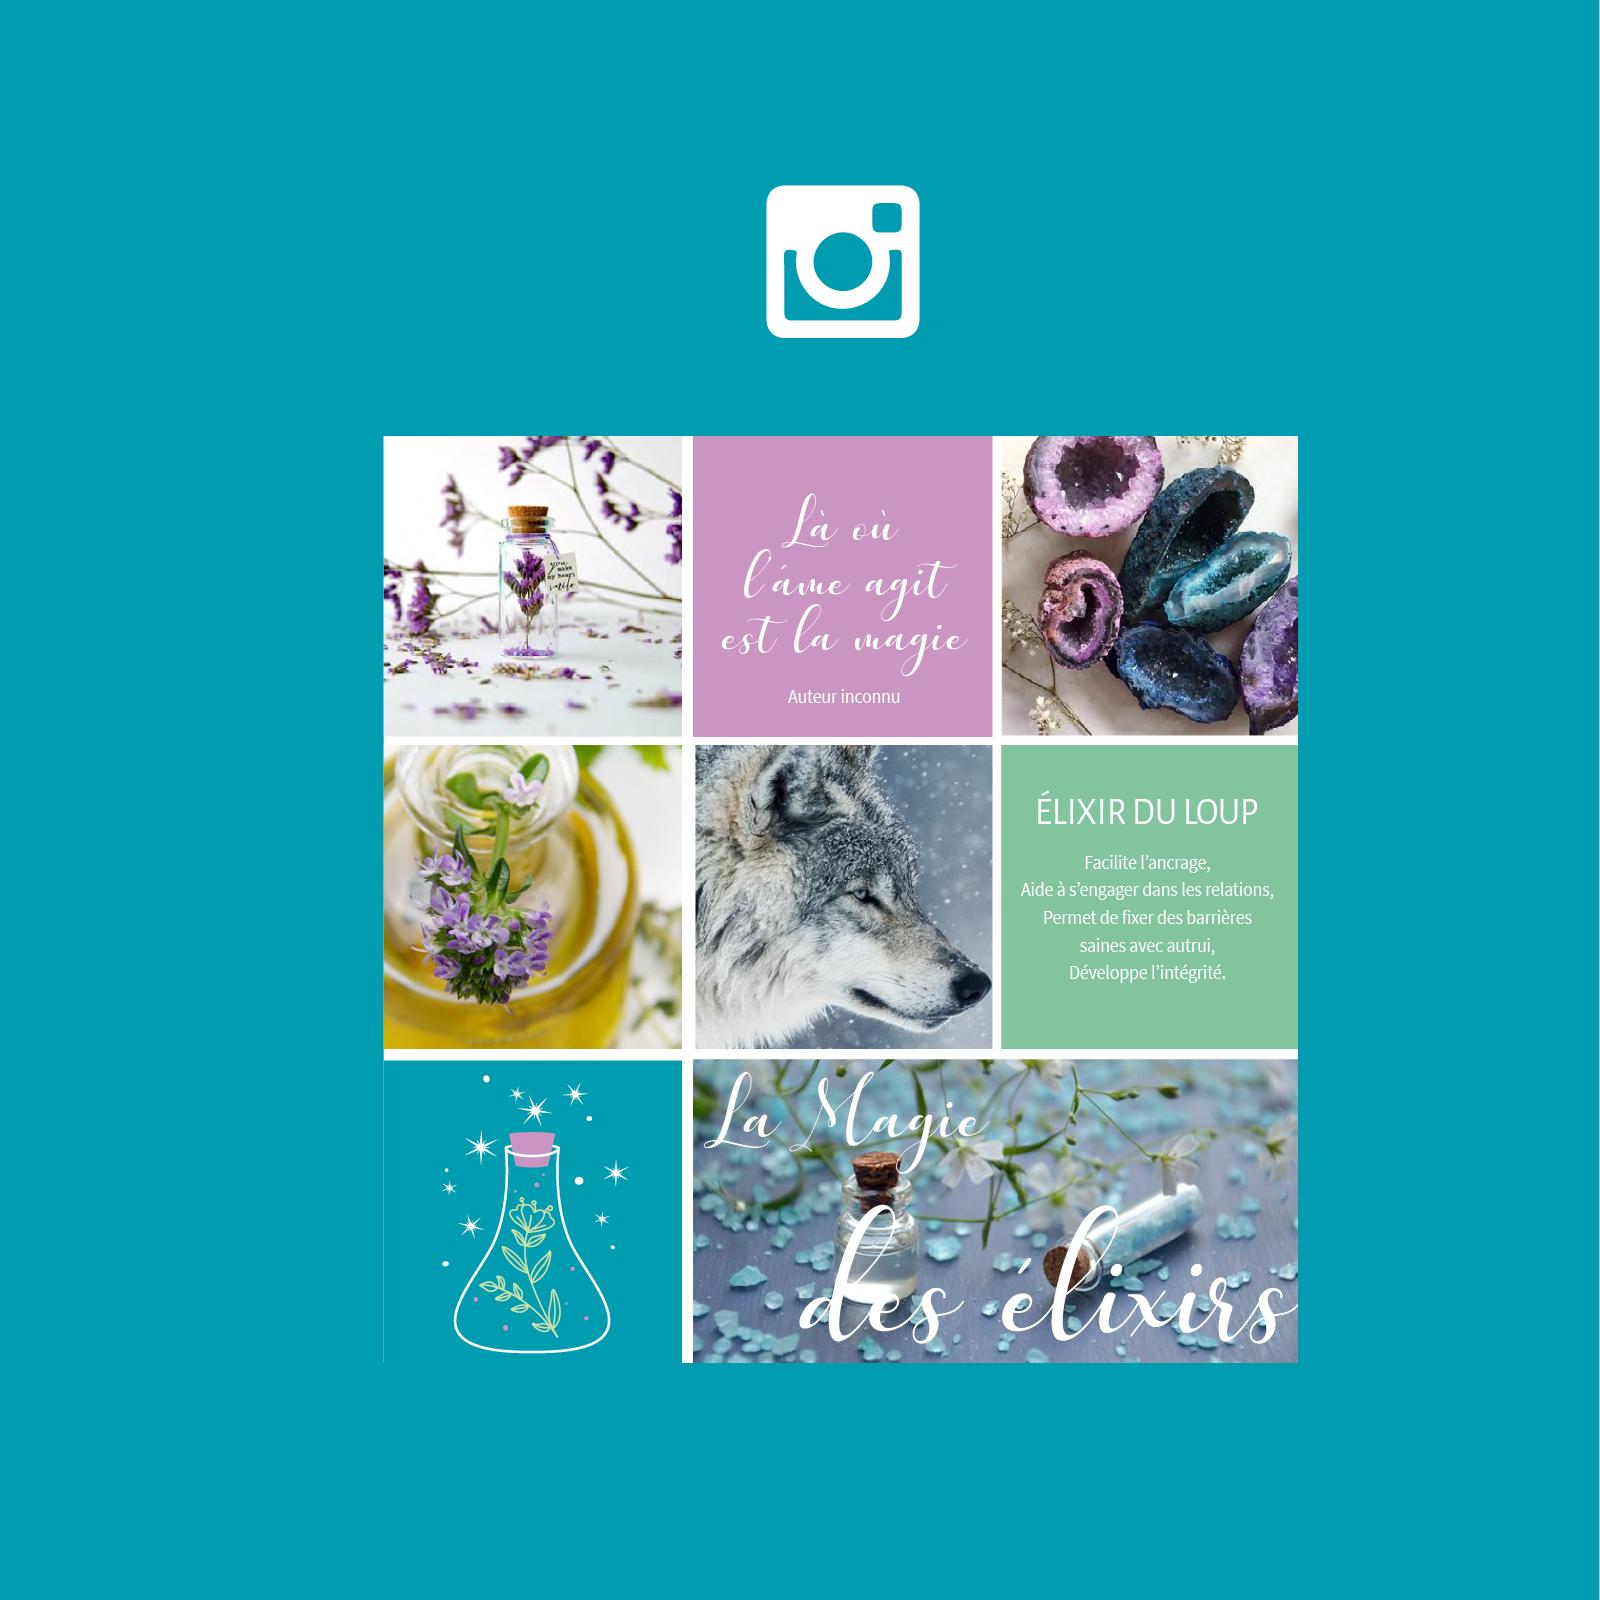 image-portfolio-aurelie-berard3